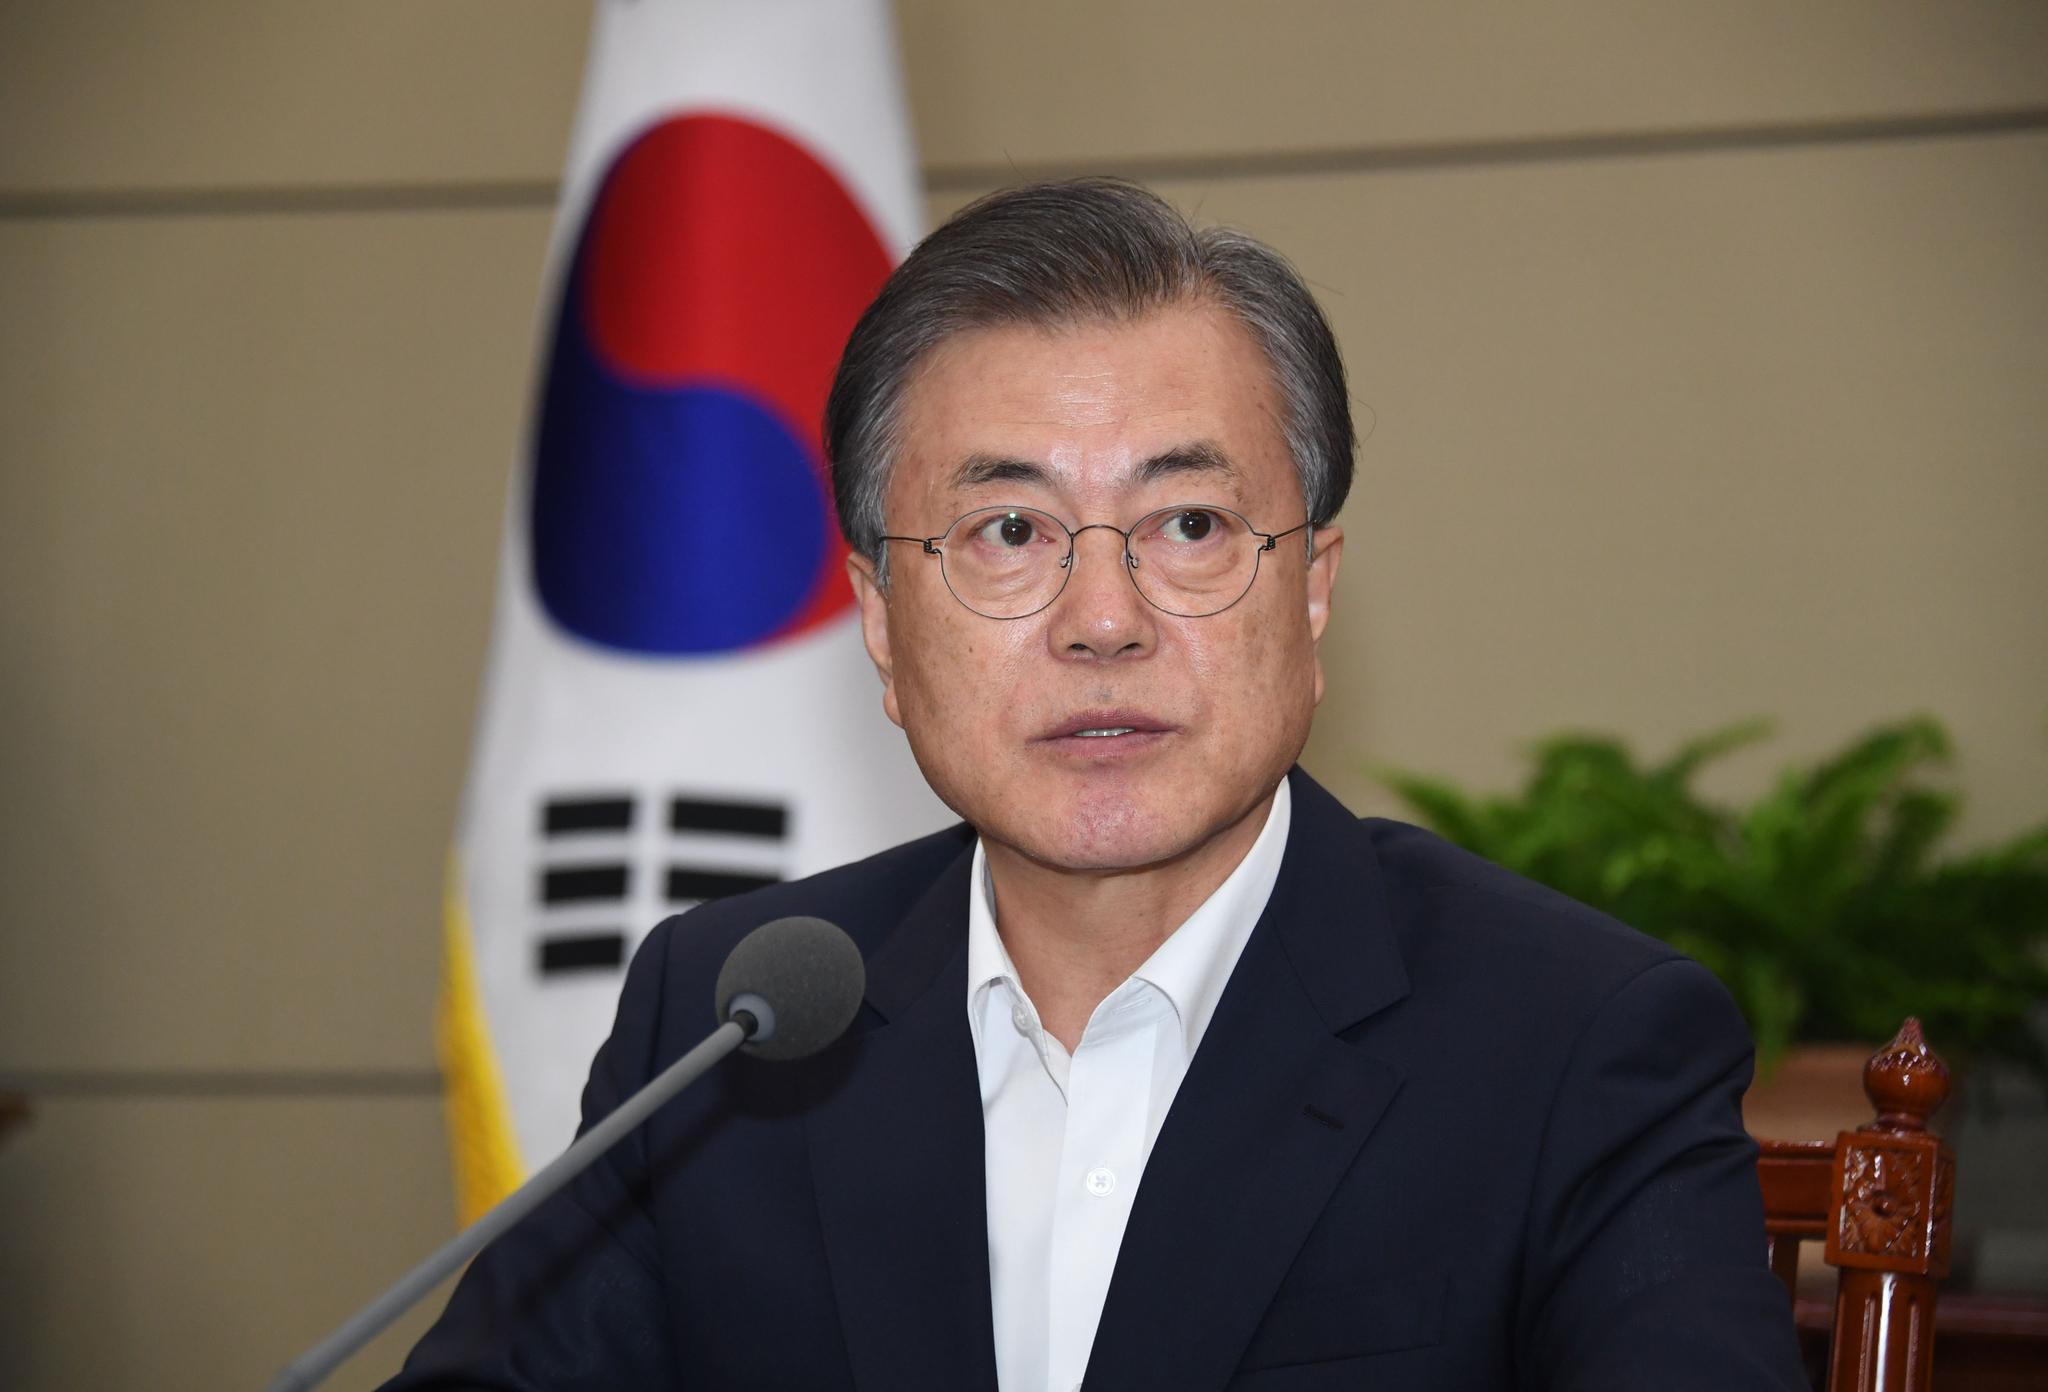 문재인 대통령이 12일 오후 청와대에서 열린 수석·보좌관회의에서 모두 발언하고 있다. 청와대사진기자단